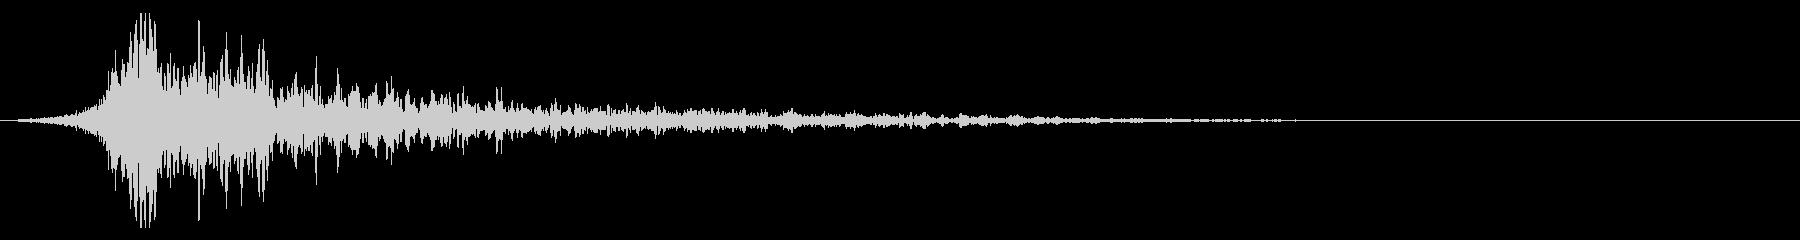 シュードーン-25-2(インパクト音)の未再生の波形